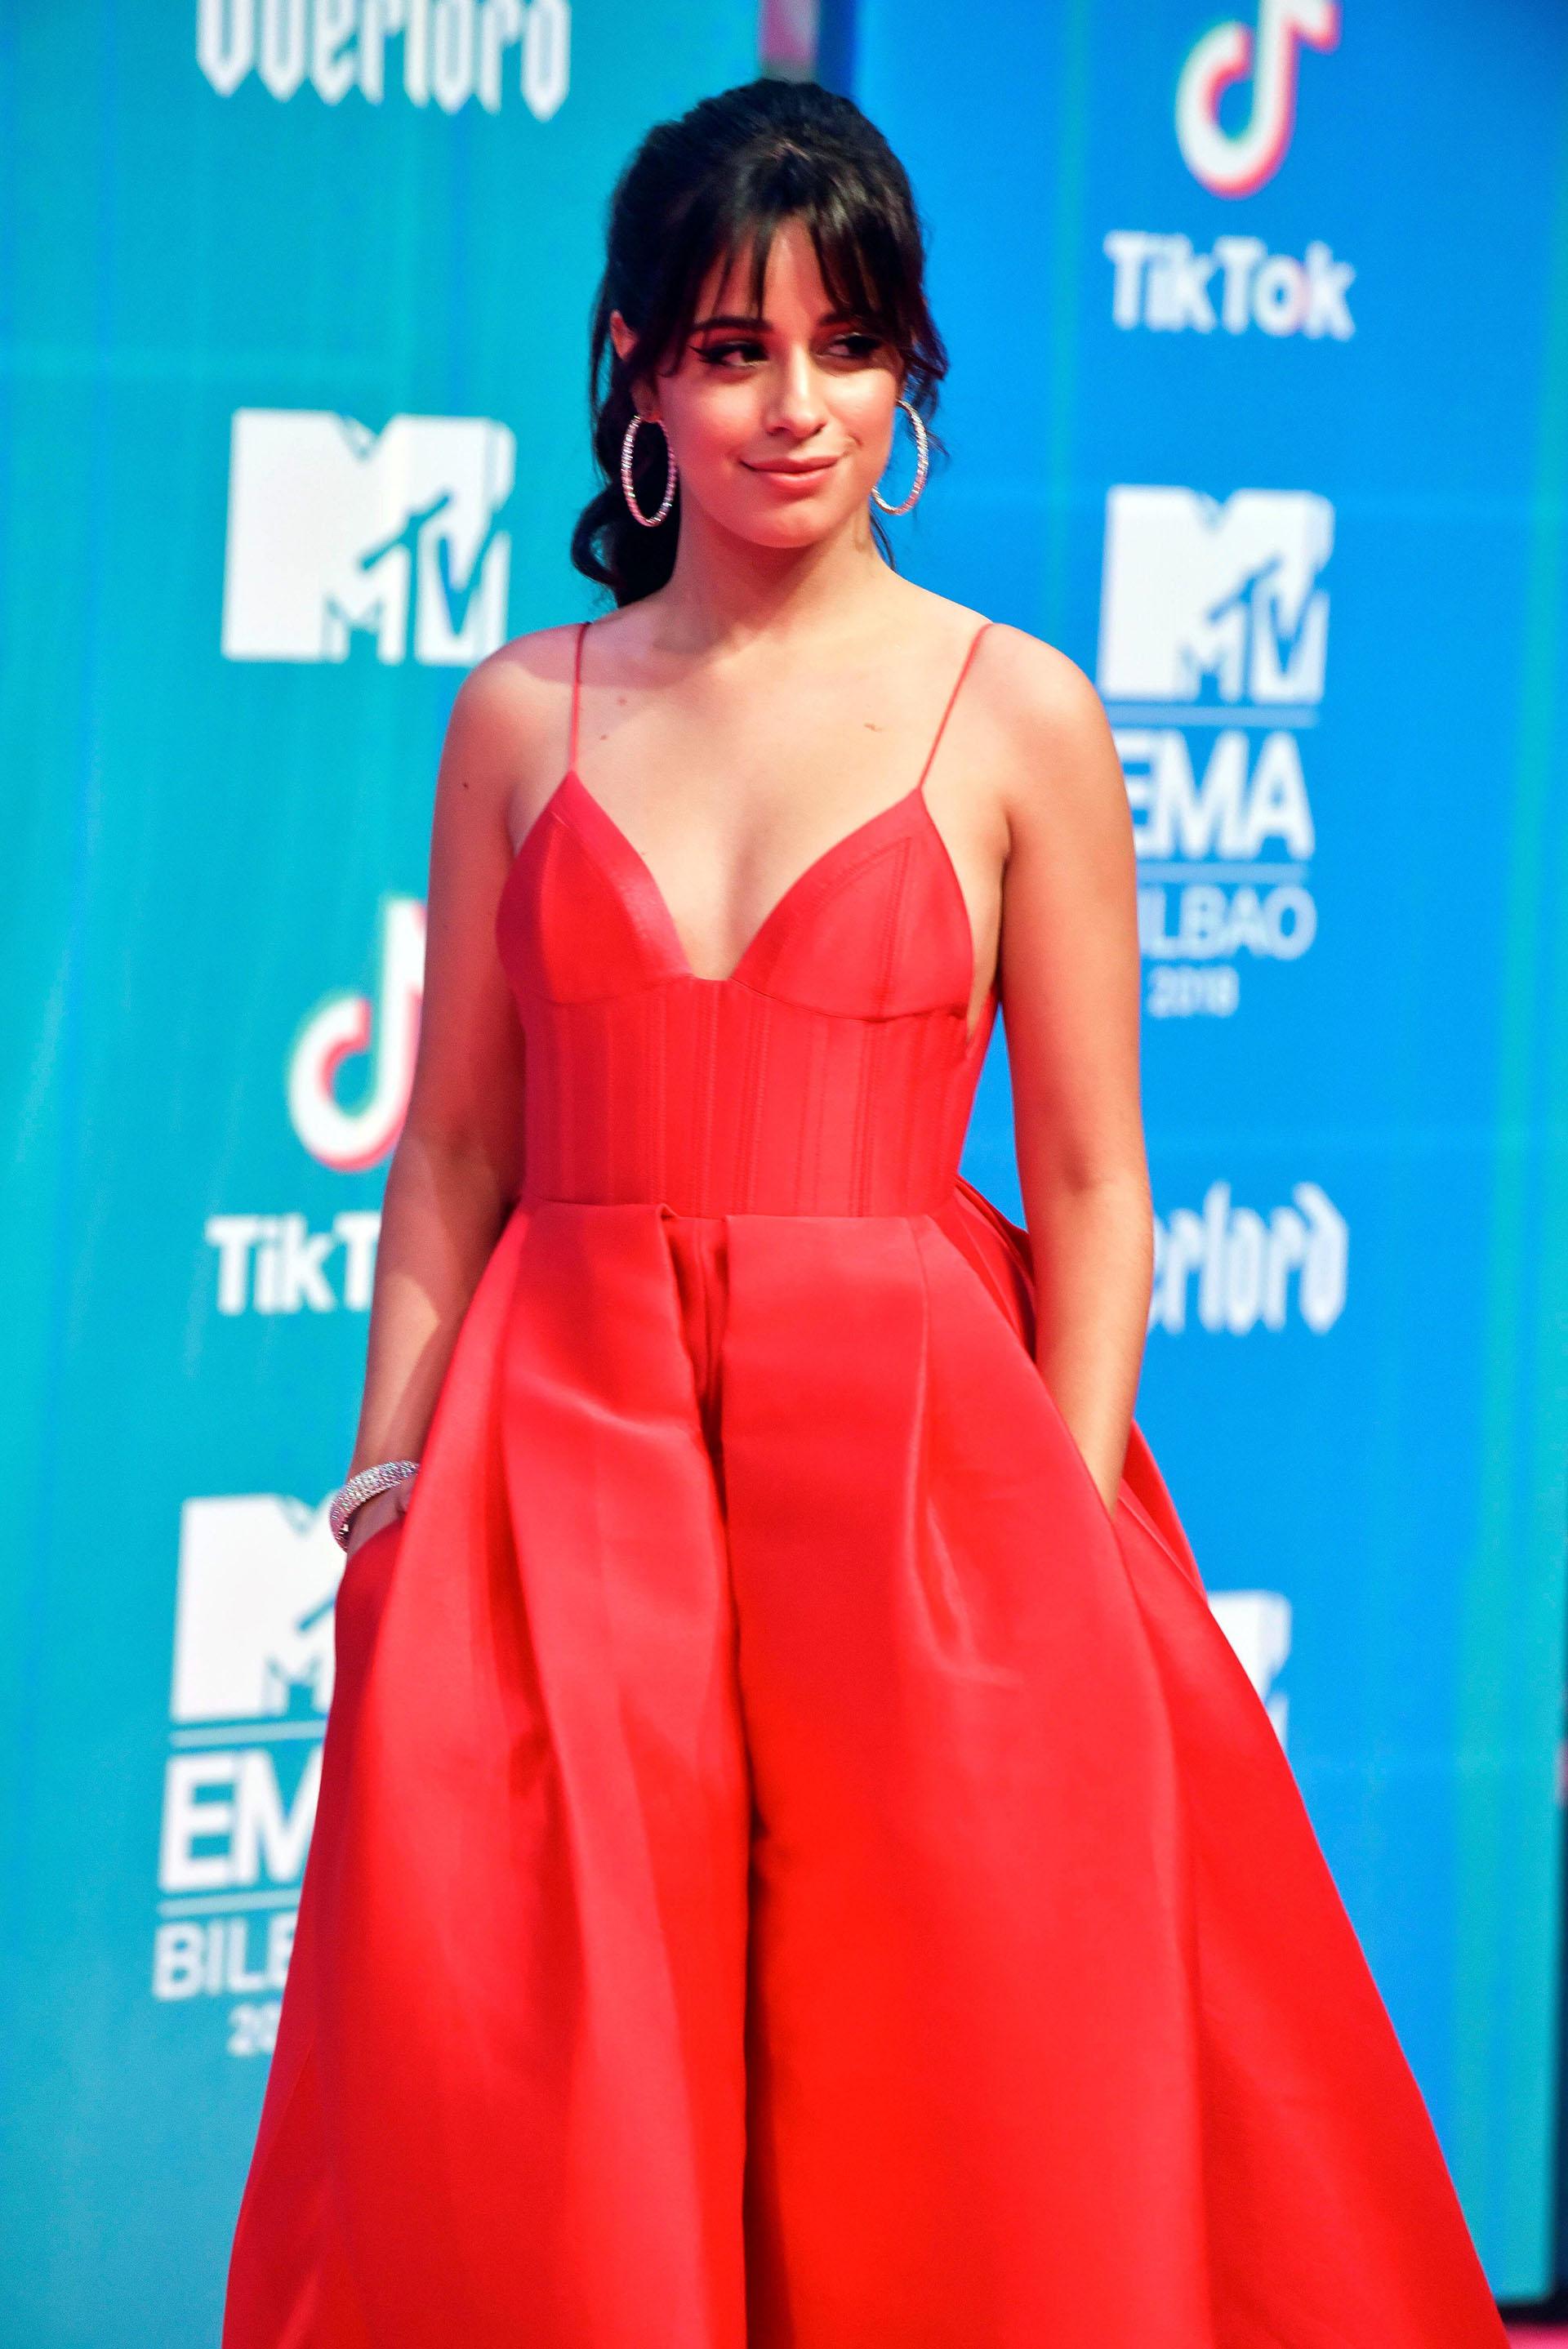 Camila Cabello a su llegada a la gala de entrega de los European Music Awards 2018. La cantante está nominada en seis categorías, entre ellas Mejor canción, Mejor videoclip y Mejor artista. Es la favorita de la noche